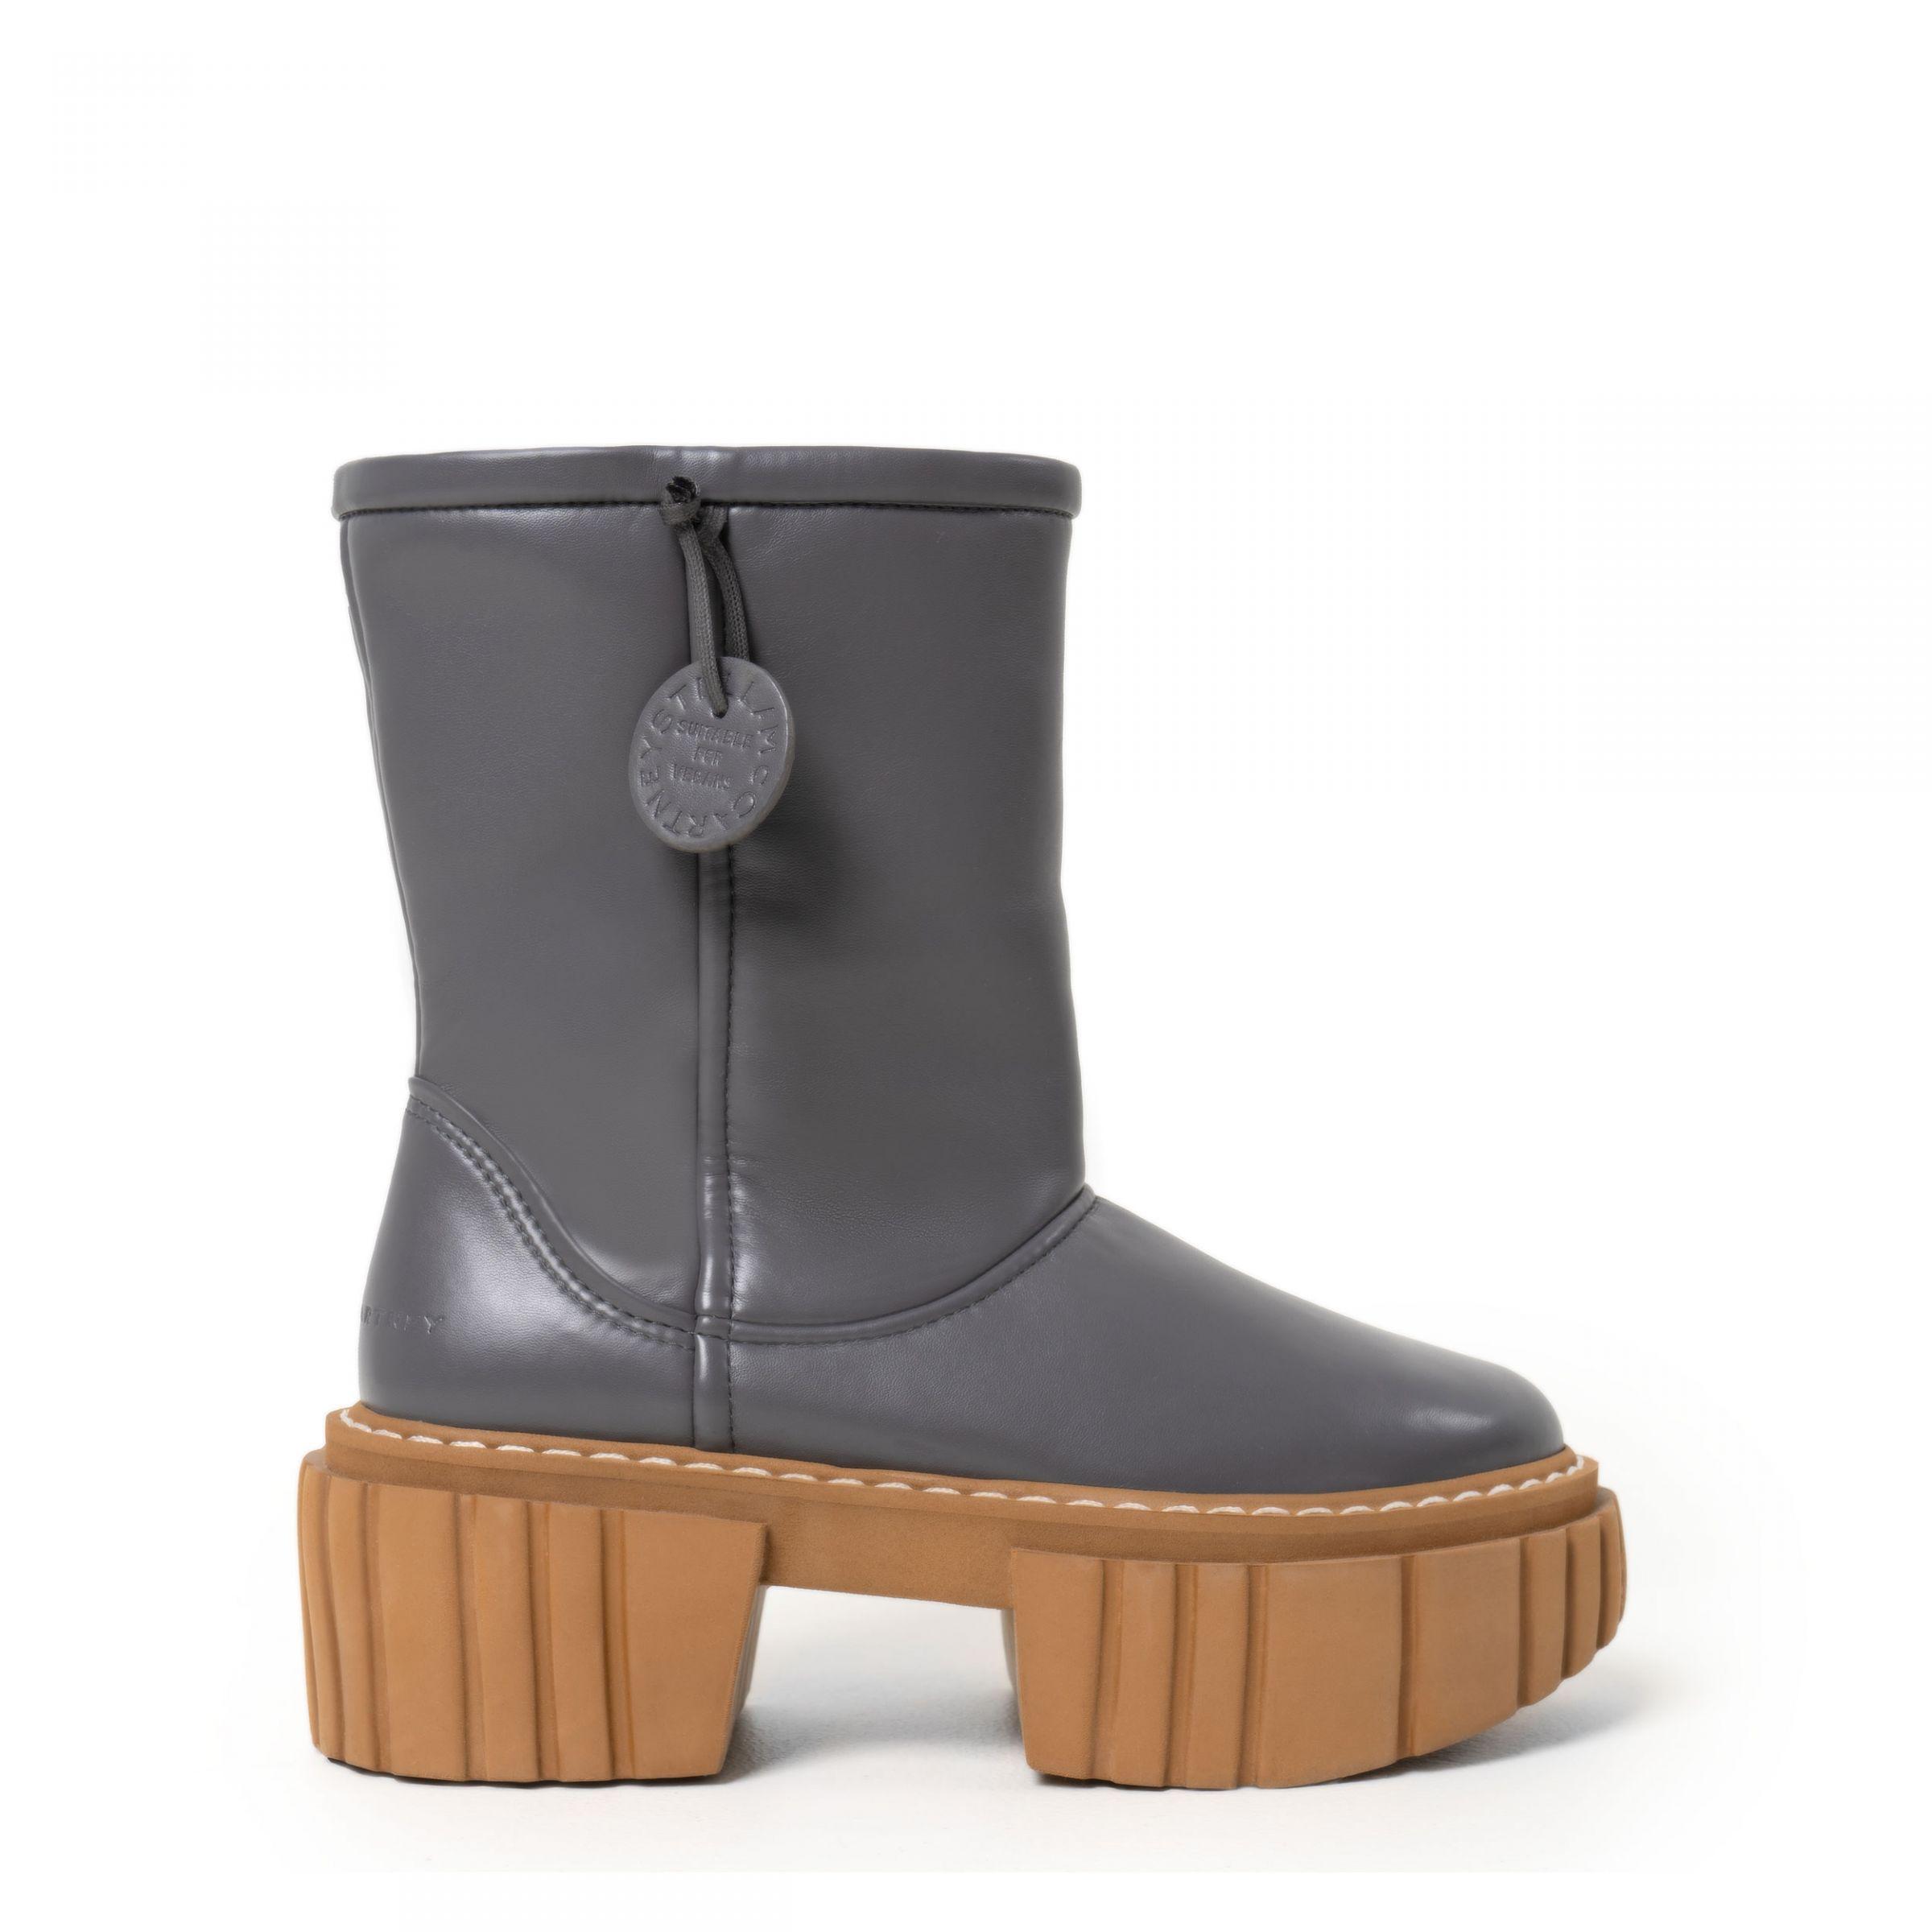 Ботинки флет на меху Stella McCartney серые